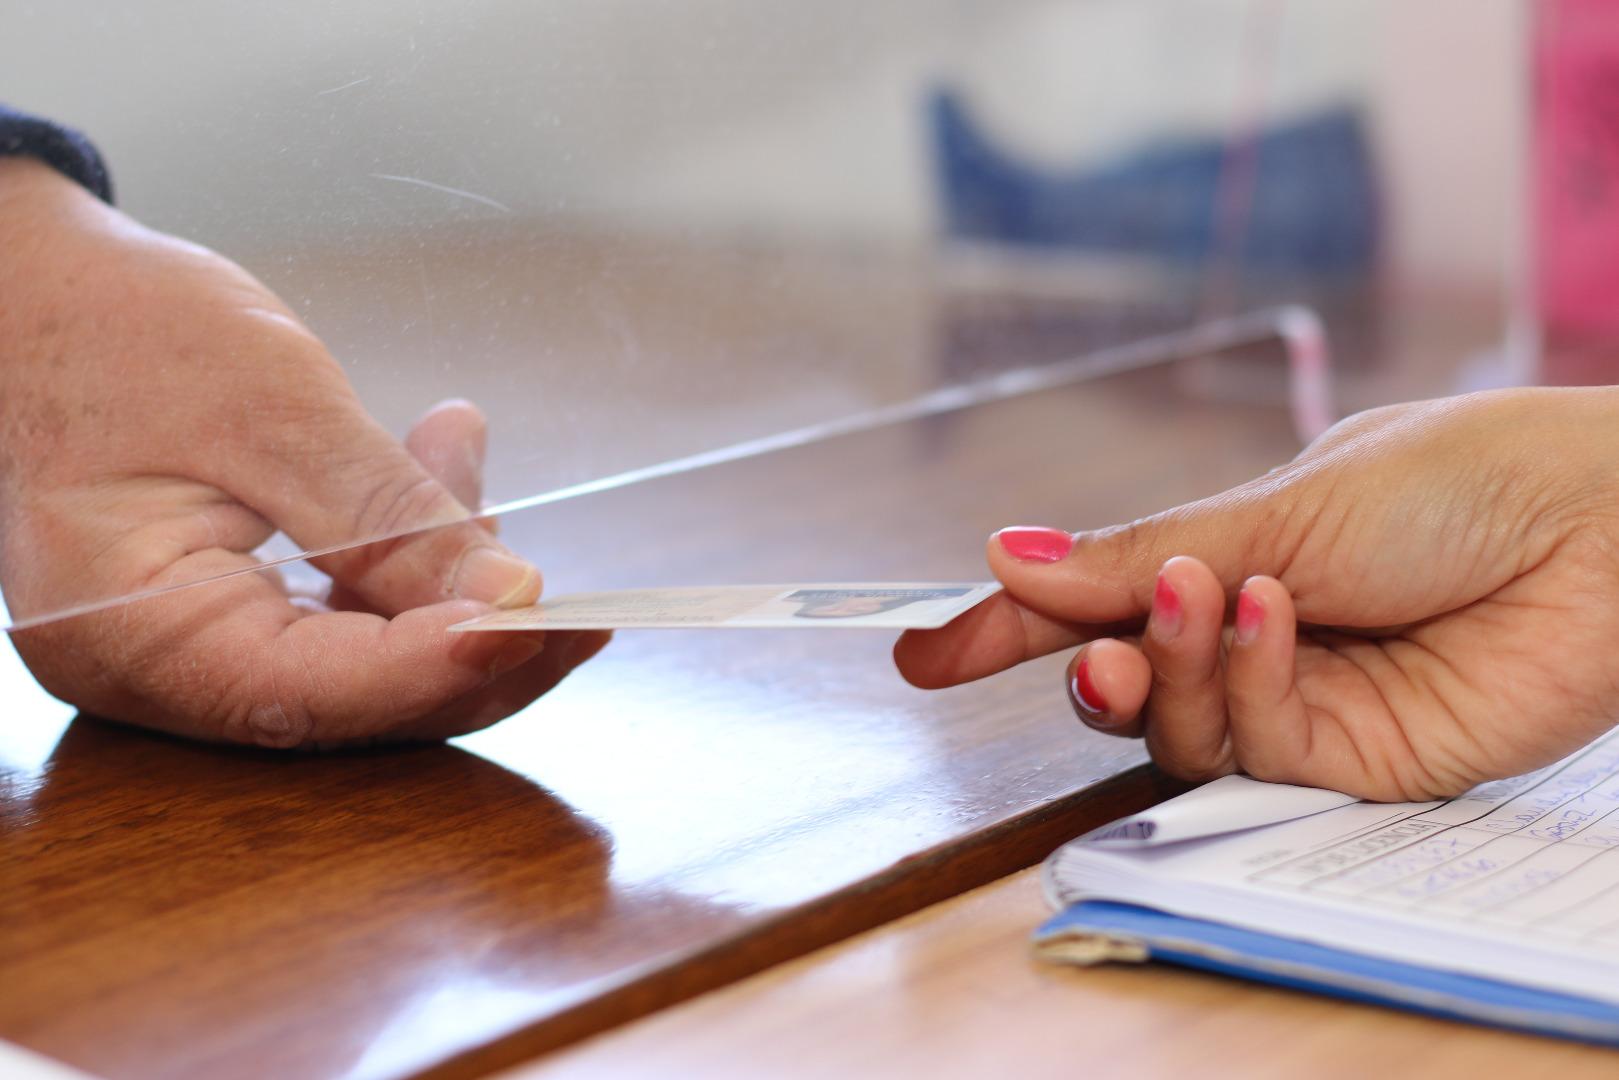 Municipalidad de Iquique advierte de estafas para obtener licencias de conducir